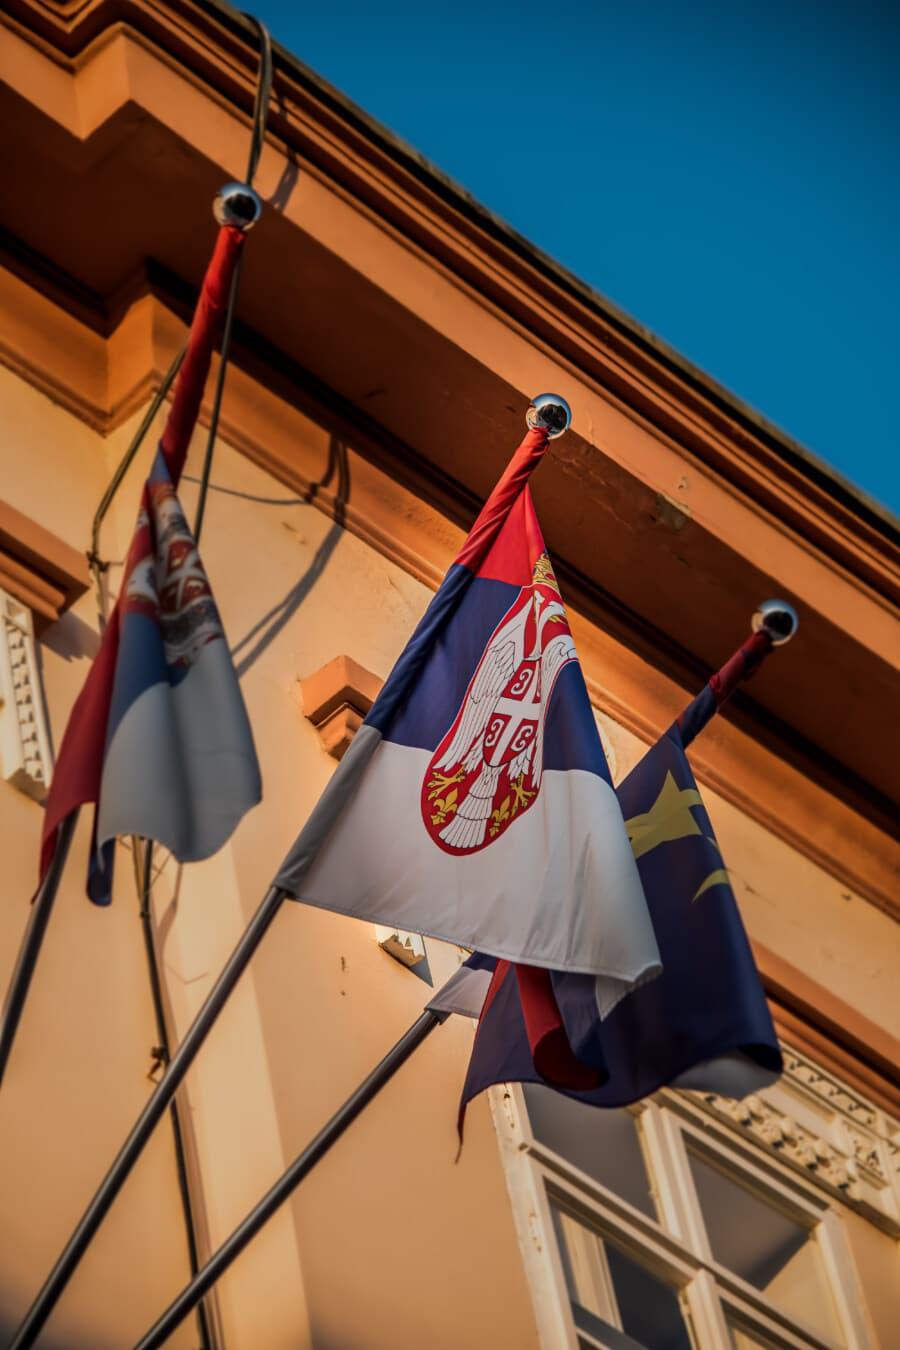 Wand, Parlament, Residenz, Flagge, Europa, Serbien, Demokratie, Demokratische Republik, Stadt, Straße